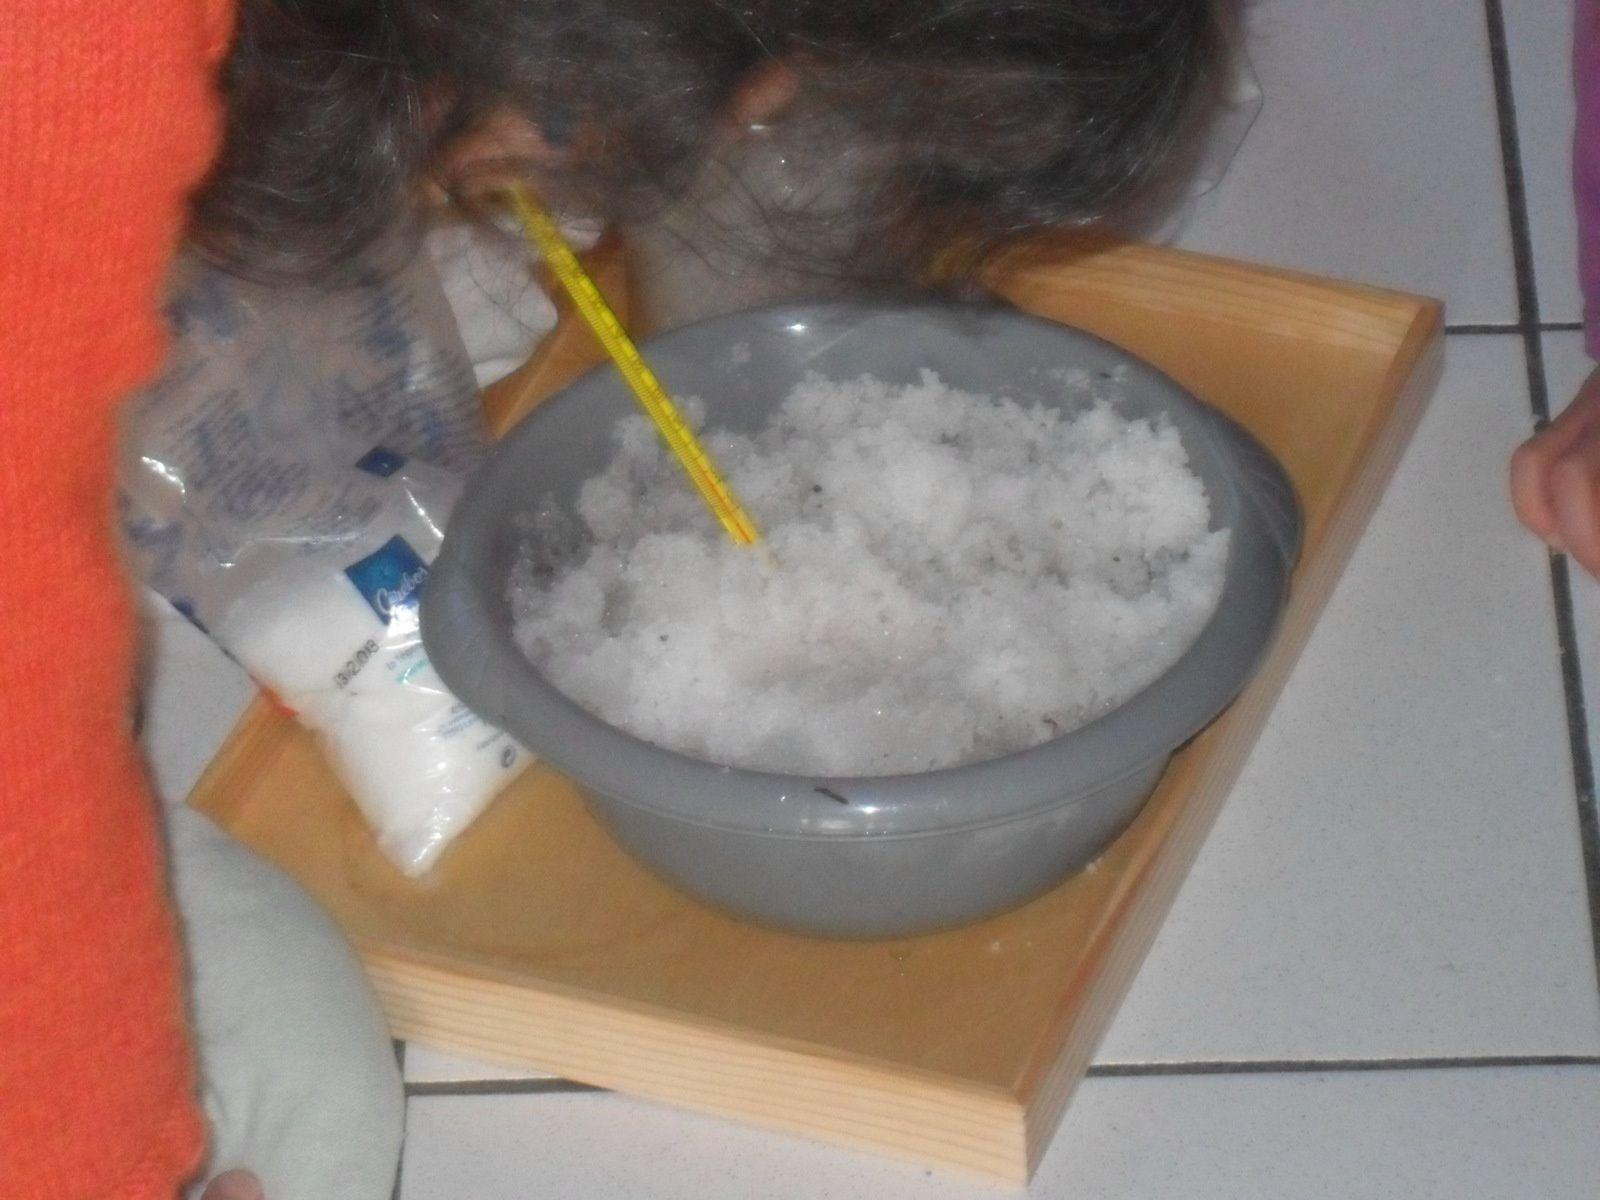 Dans le mélange glace/sel, la température descend jusqu'à -20°C : il y a plus froid que la glace.